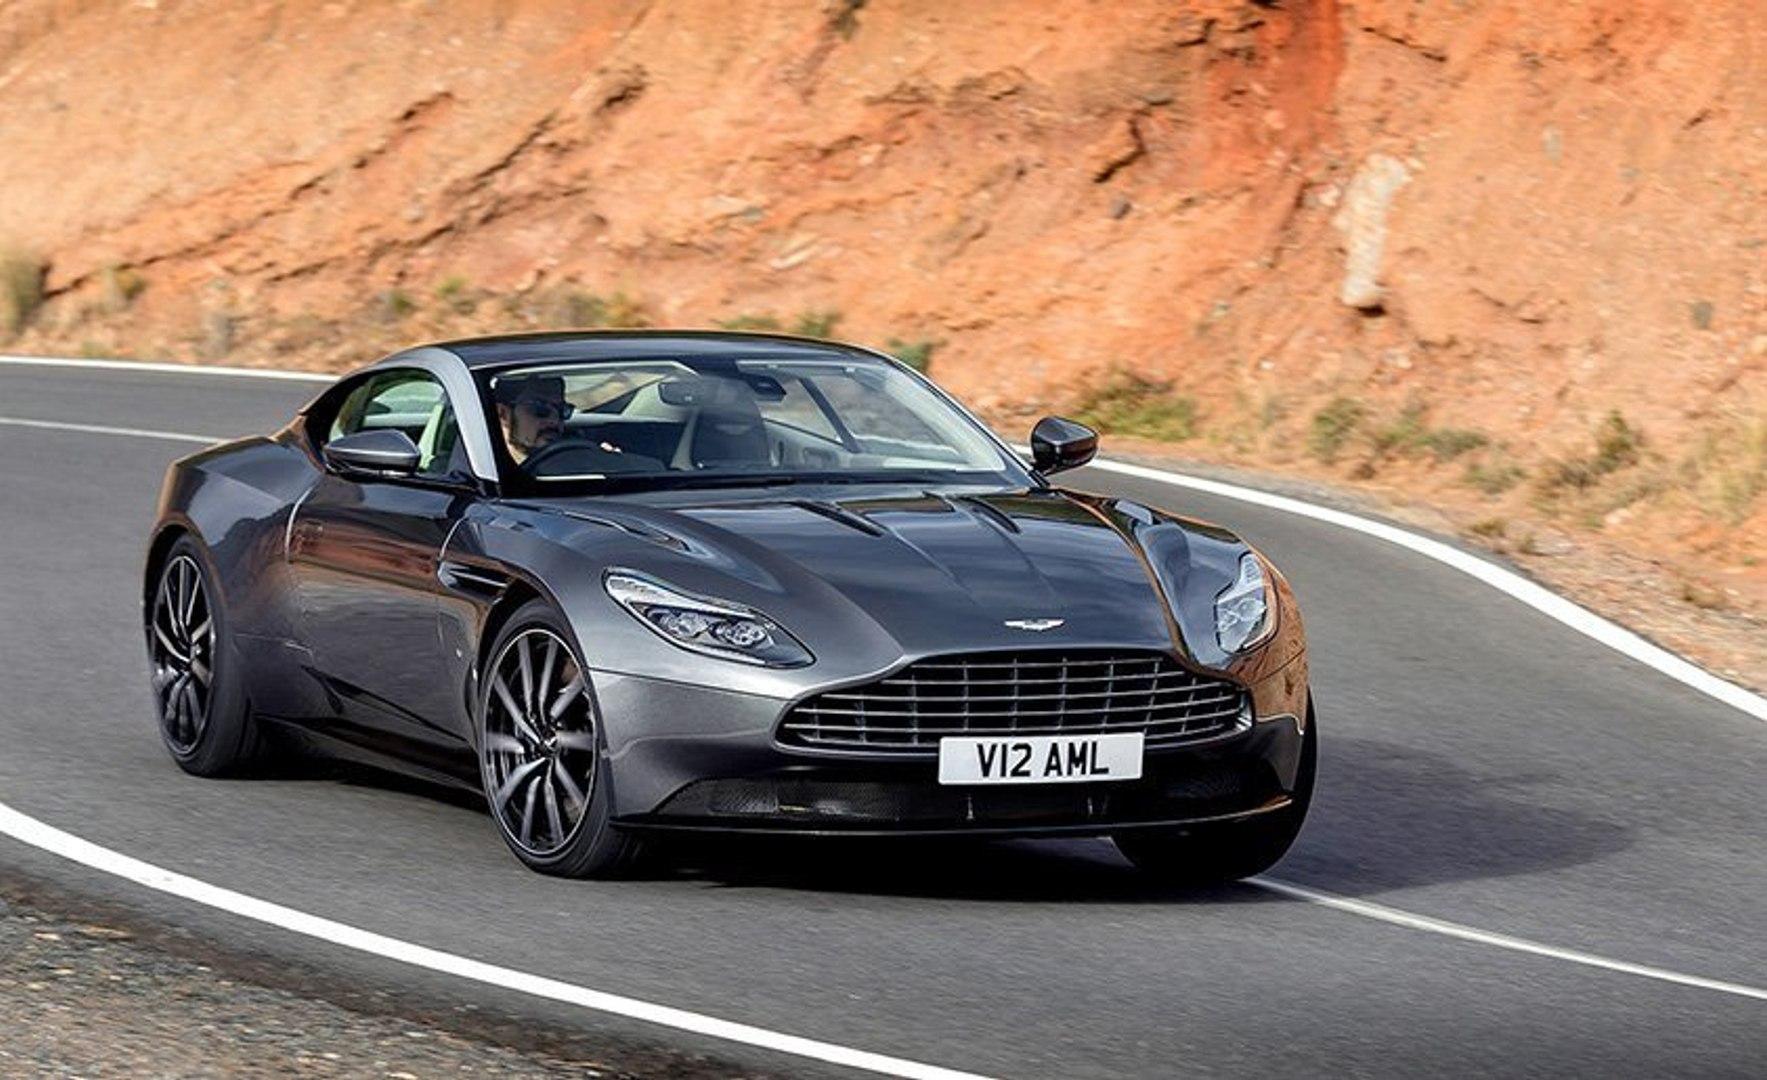 2017 Aston Martin Vanquish S Vs Aston Martin Db11 2017 Video Dailymotion